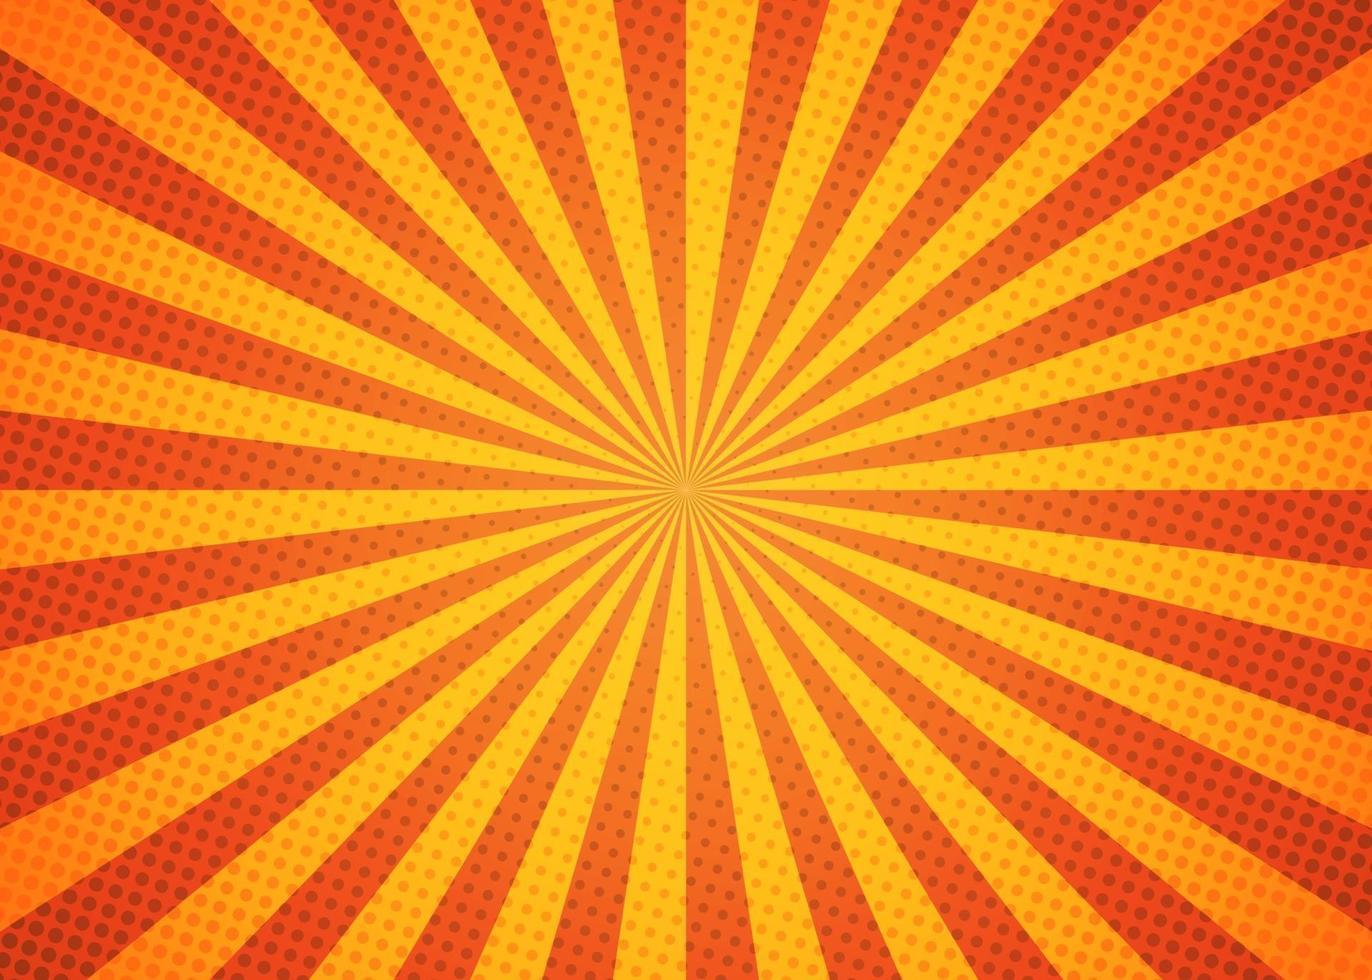 schöner Sunburst-Hintergrund mit leuchtend gelber und orange Farbe. vektor